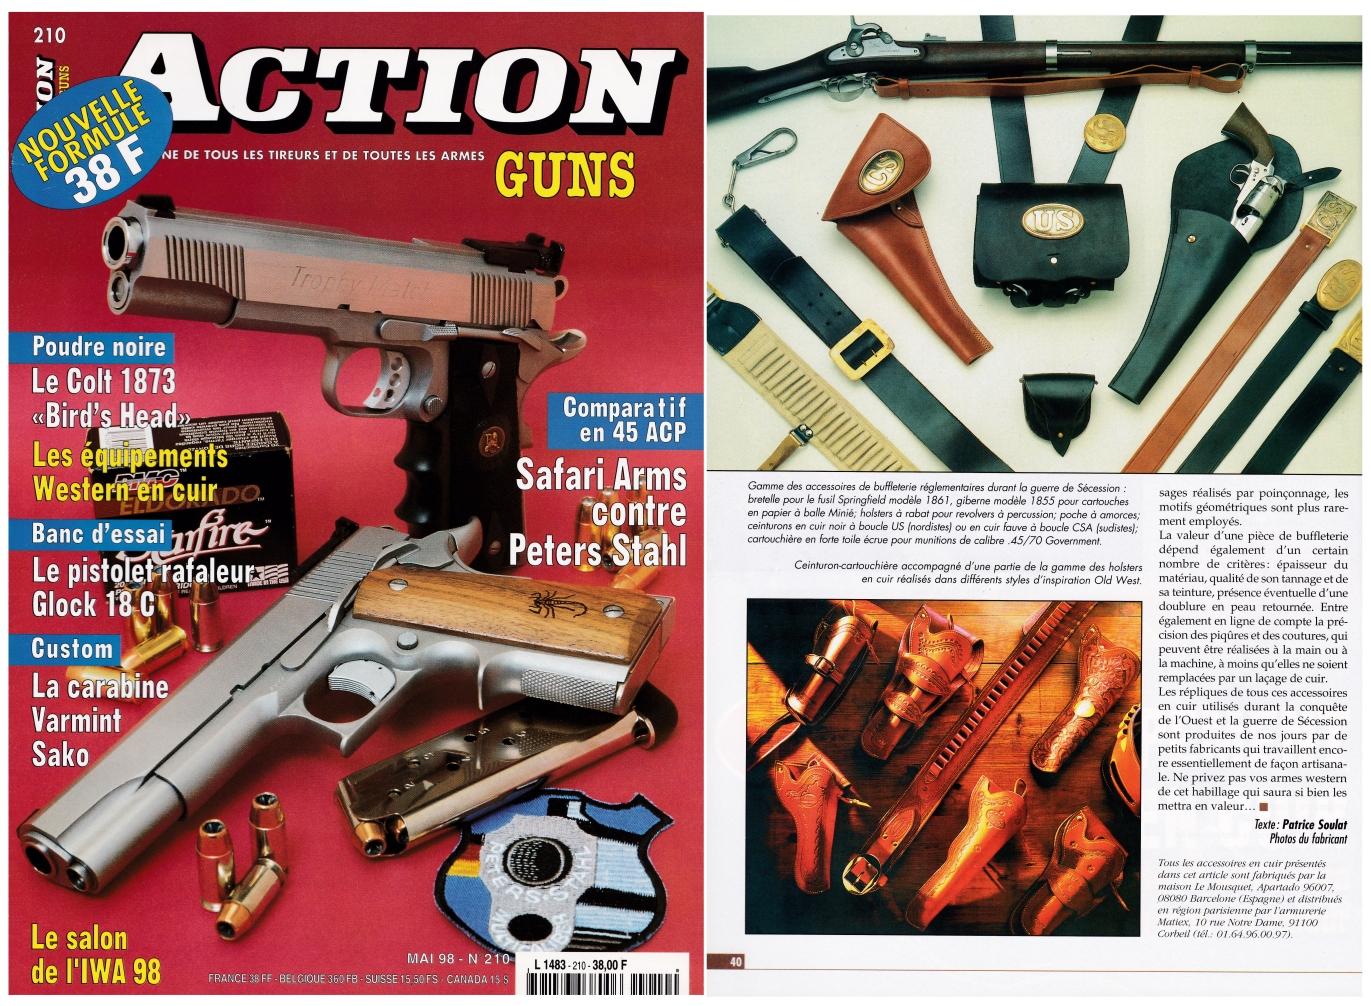 L'article consacré aux équipements Western en cuir a été publié sur 3 pages dans le magazine Action Guns n°210 (mai 1998).